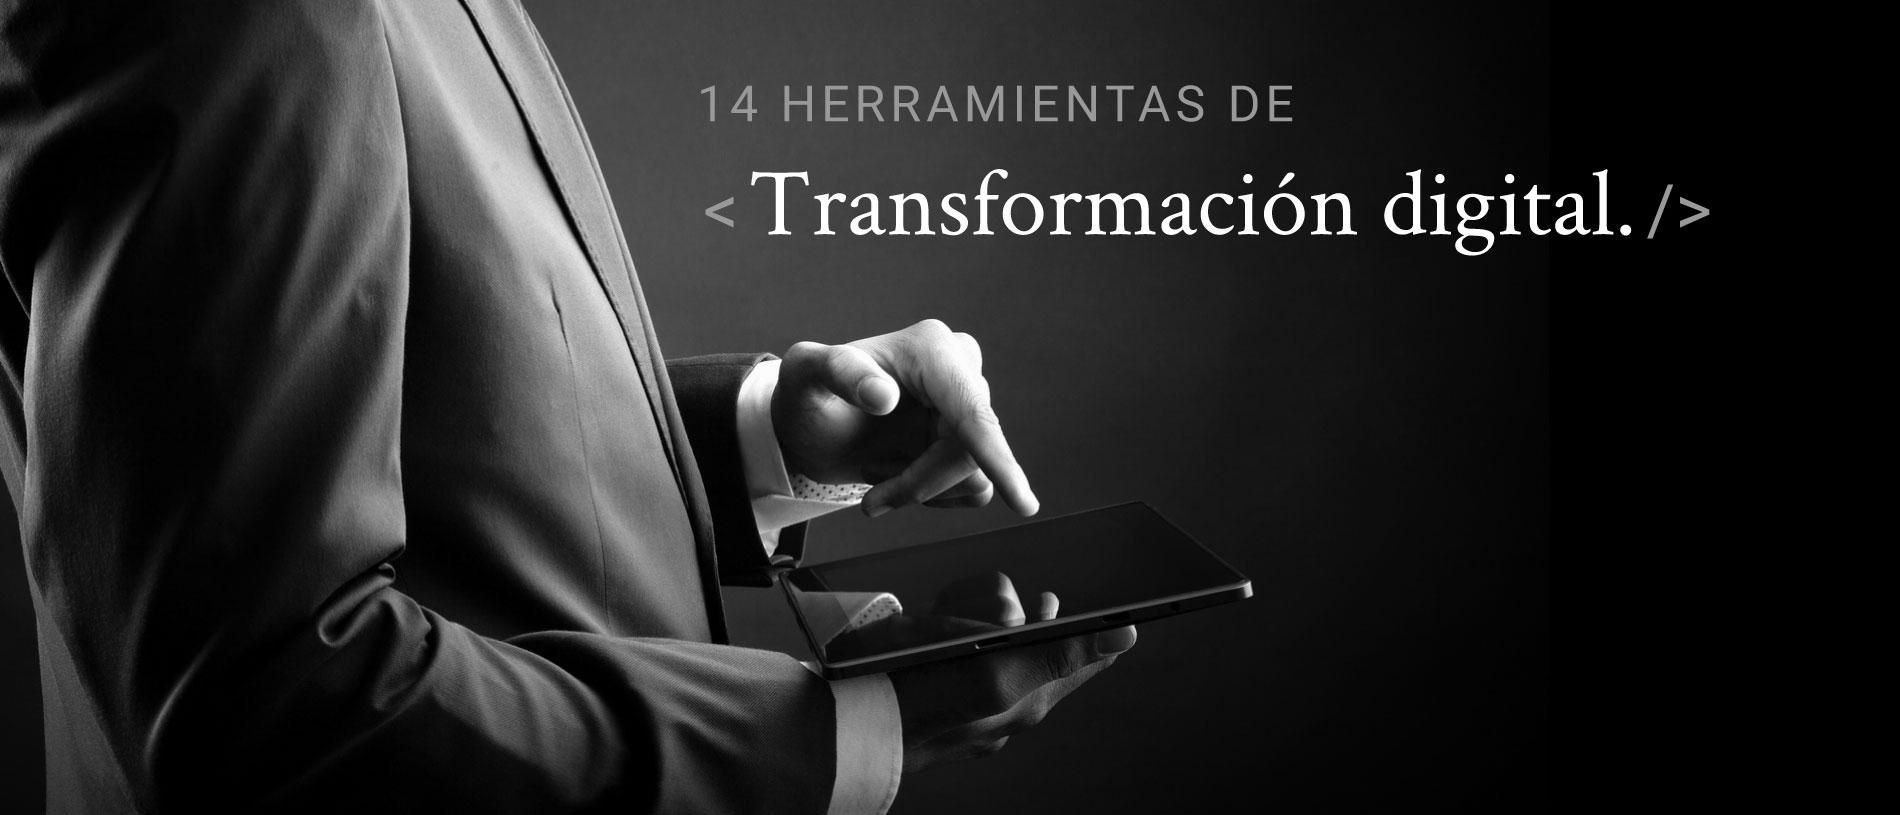 14 herramientas para la transformación digital de una empresa